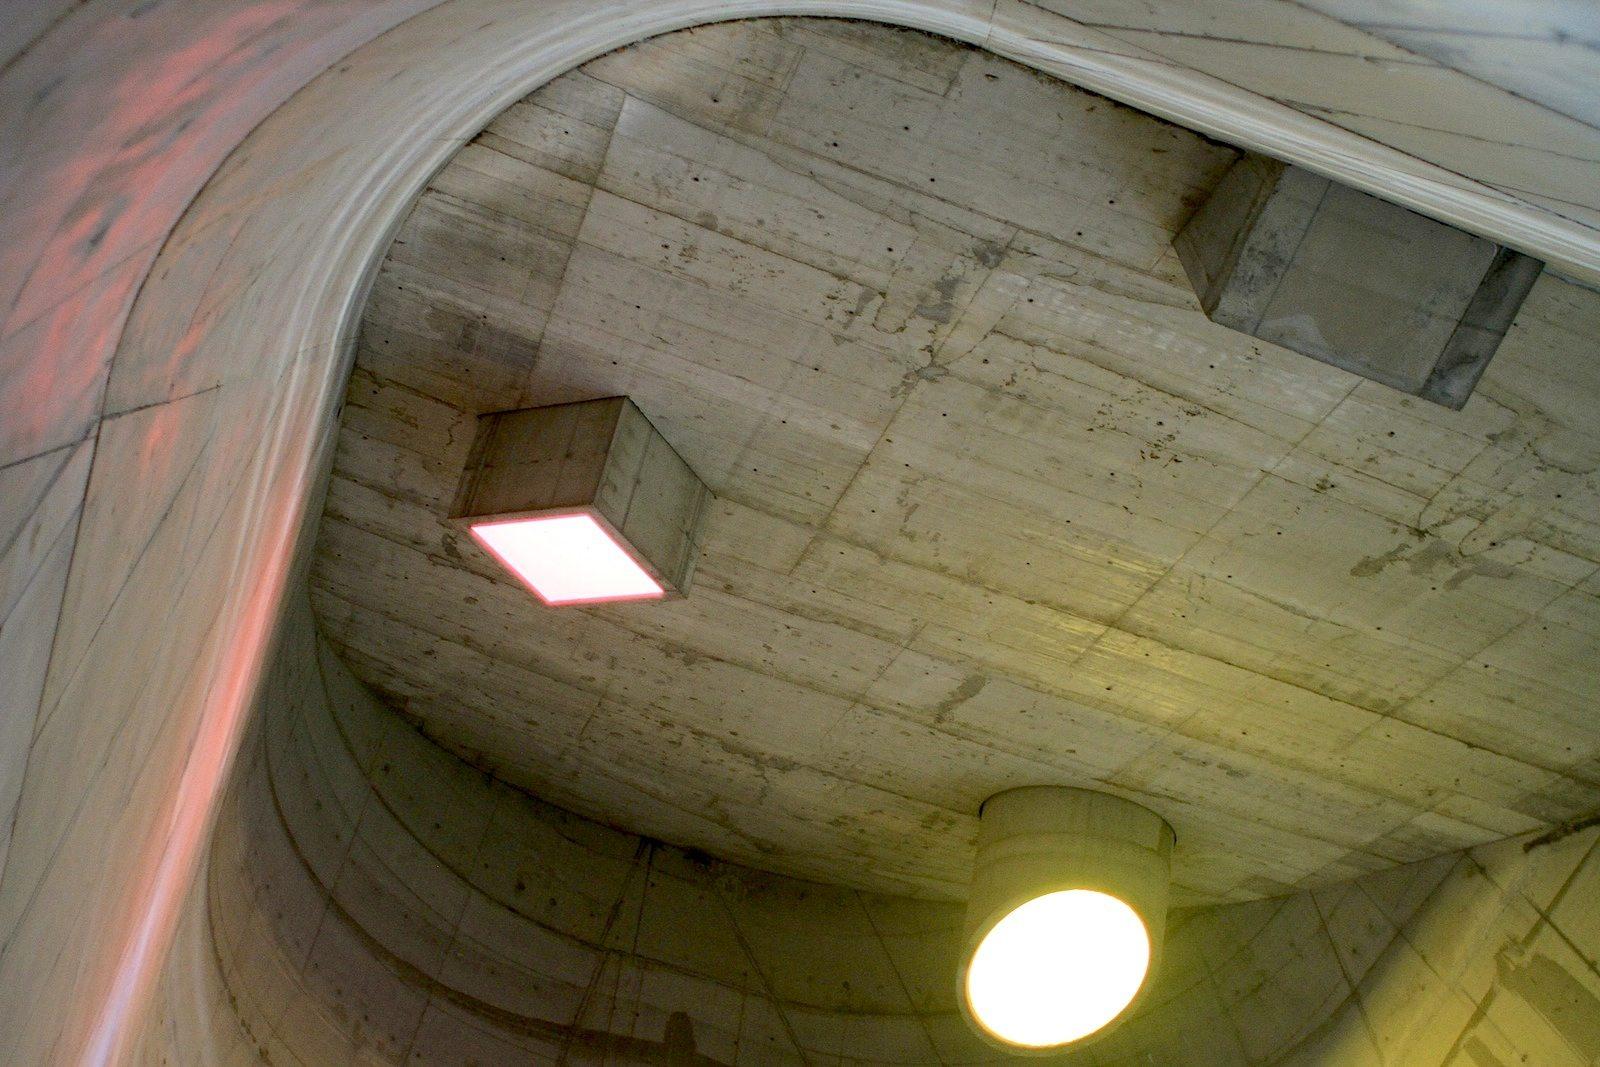 L'église Saint-Pierre. Die Kuppel ist wie für Musikfestivals gemacht: die Akustik ist klar und auf eine monumentale Weise eindrücklich ...